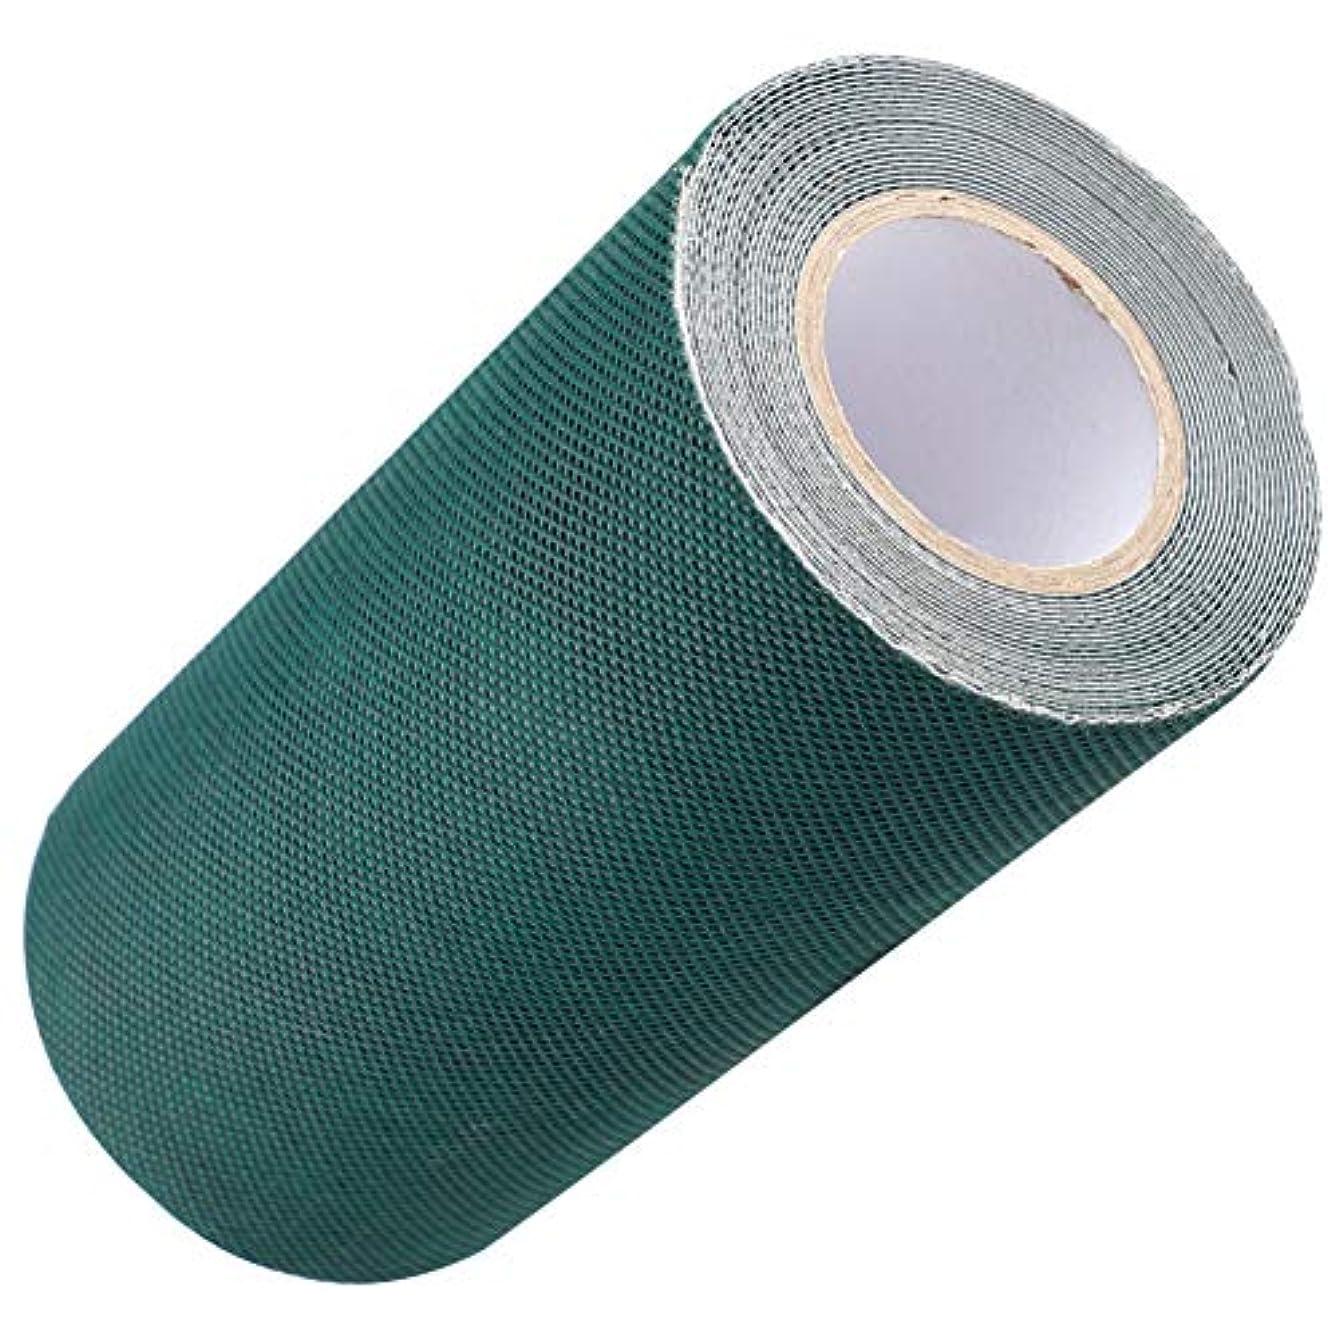 抜本的な免疫地上でDOMO 人工芝接着布 人工芝粘着テープ 芝スプライスベルト 15cm*5M グリーン